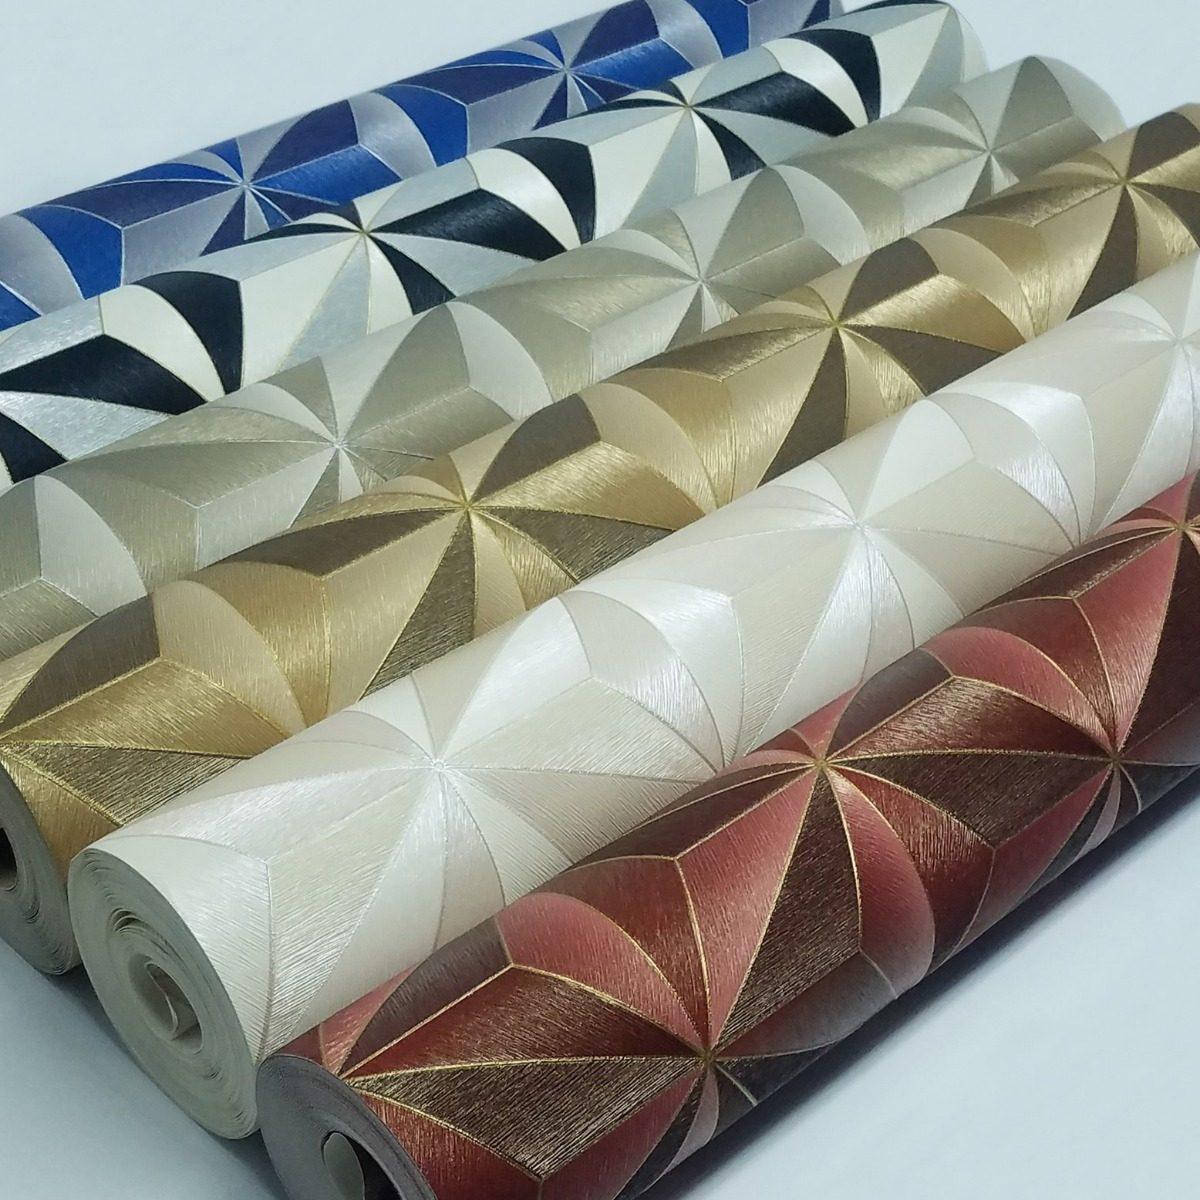 5f8ec7b95 papel de parede vinílico geométrico 3d dourado + cola. Carregando zoom.